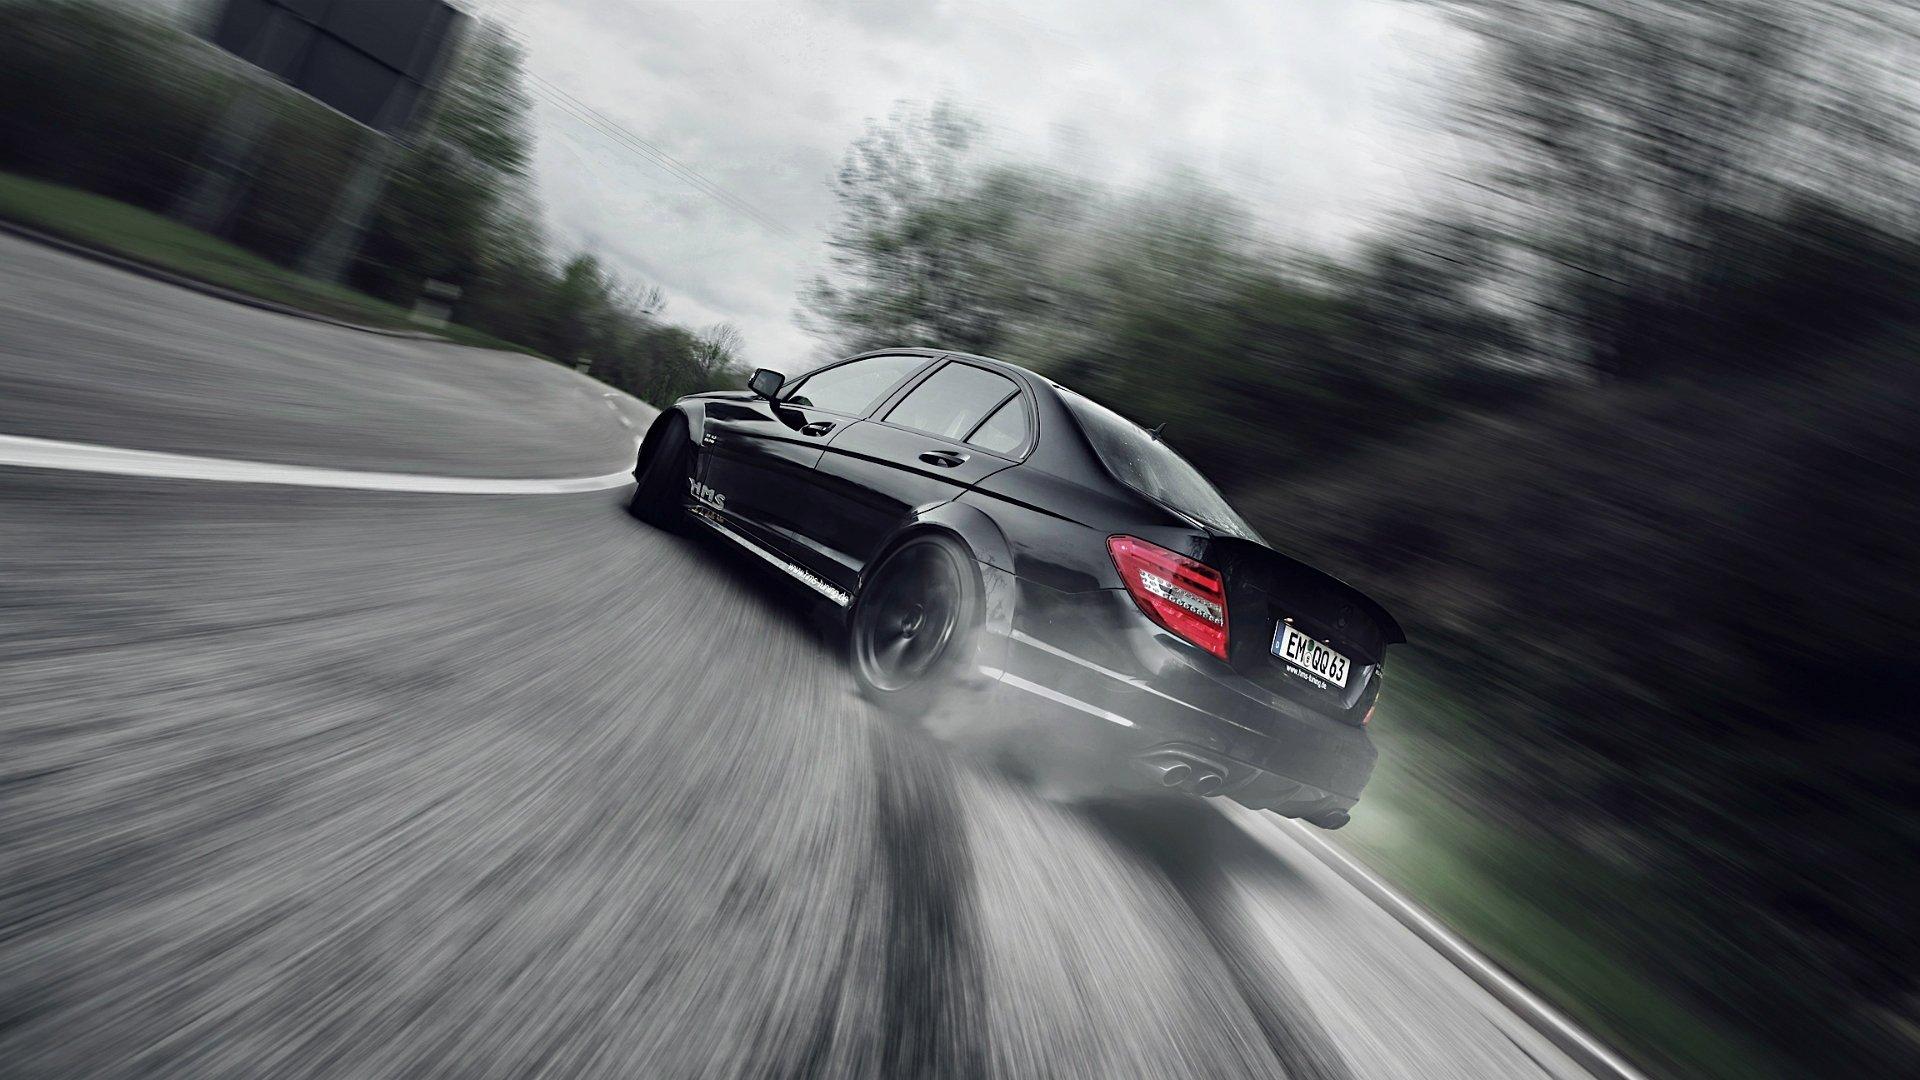 Mercedes-Benz E-Class белый дорога прожектор смотреть